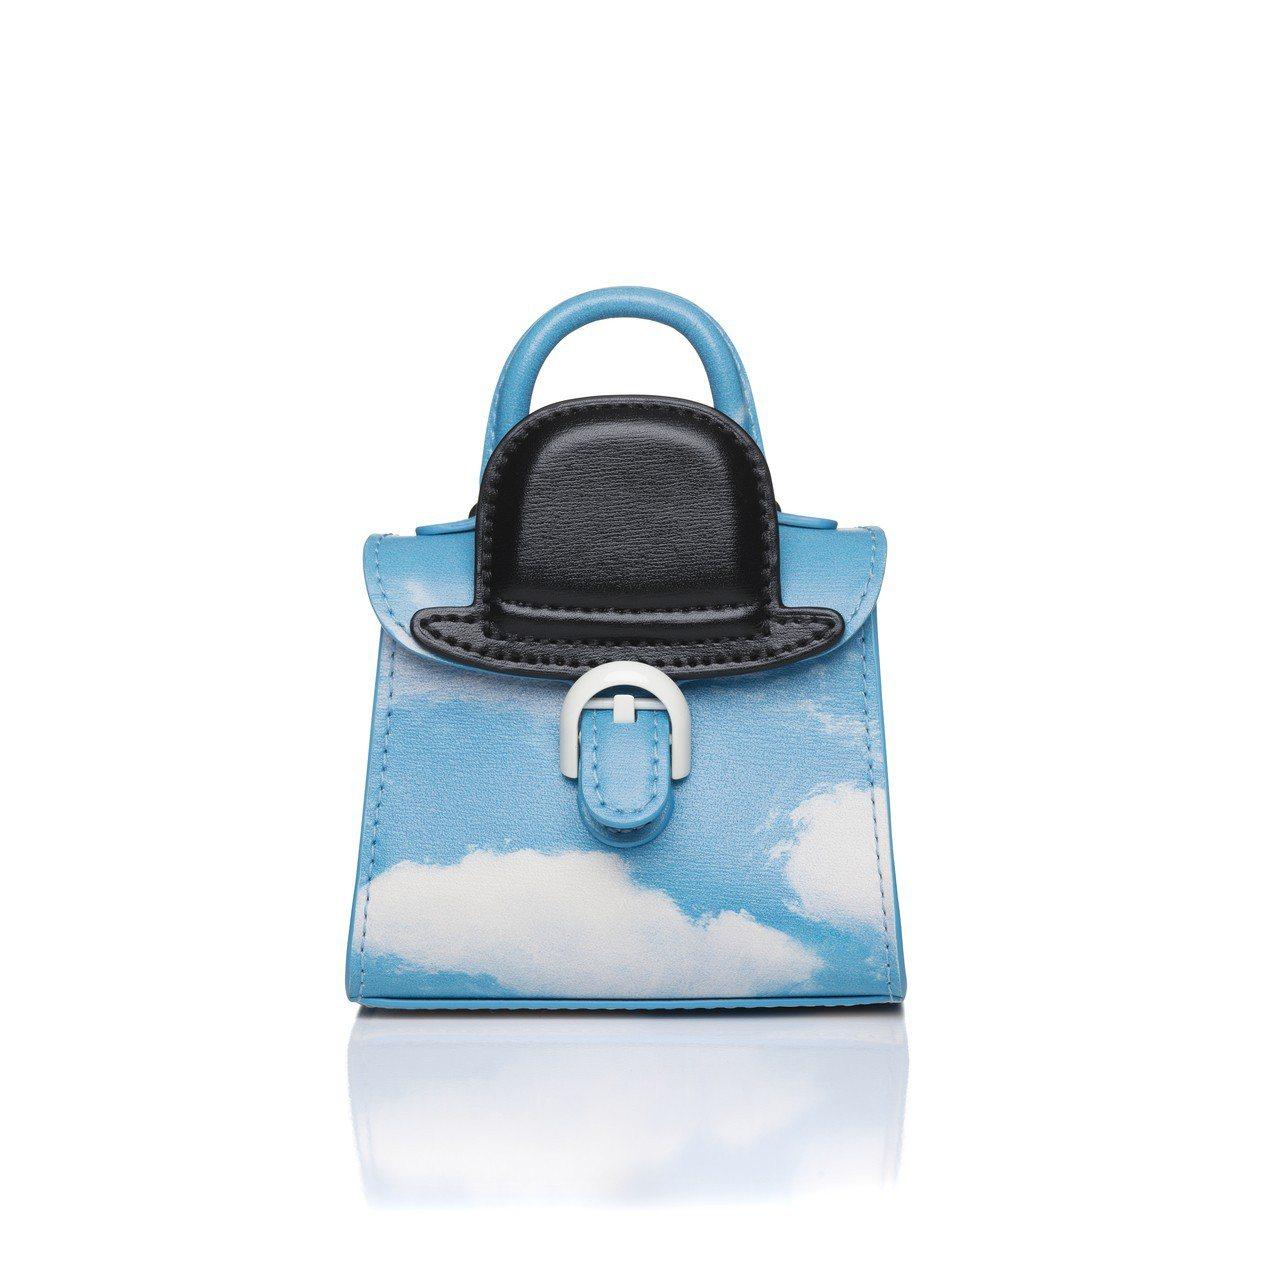 Magritte雲朵黑禮帽牛皮吊飾,售價33,900元。圖/DELVAUX提供